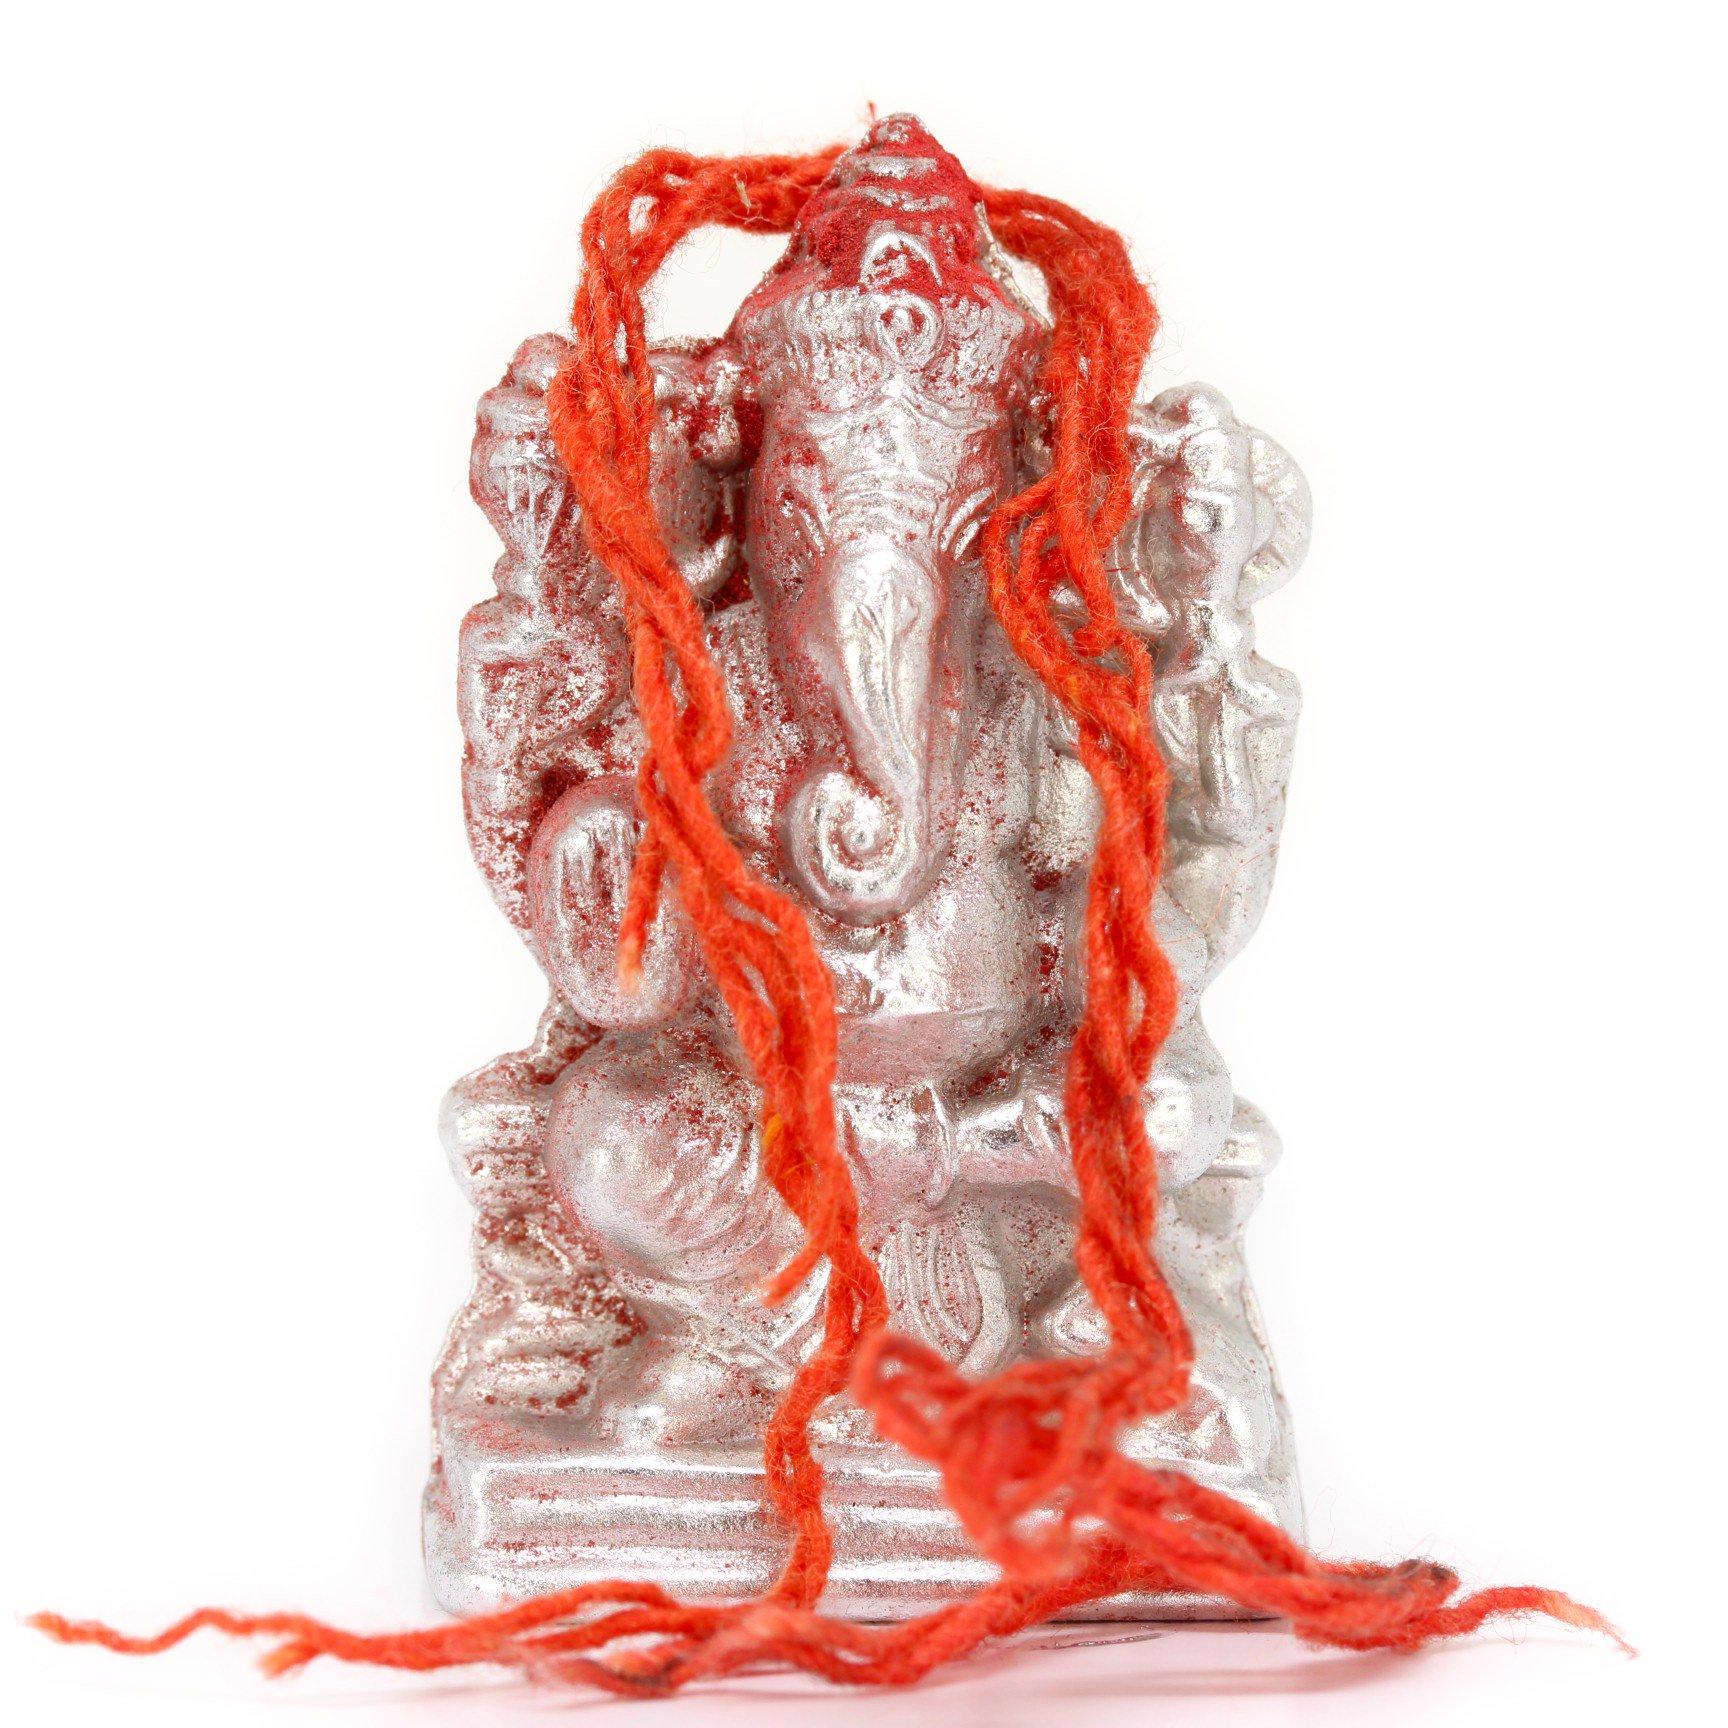 パラド・ガネーシャ神像